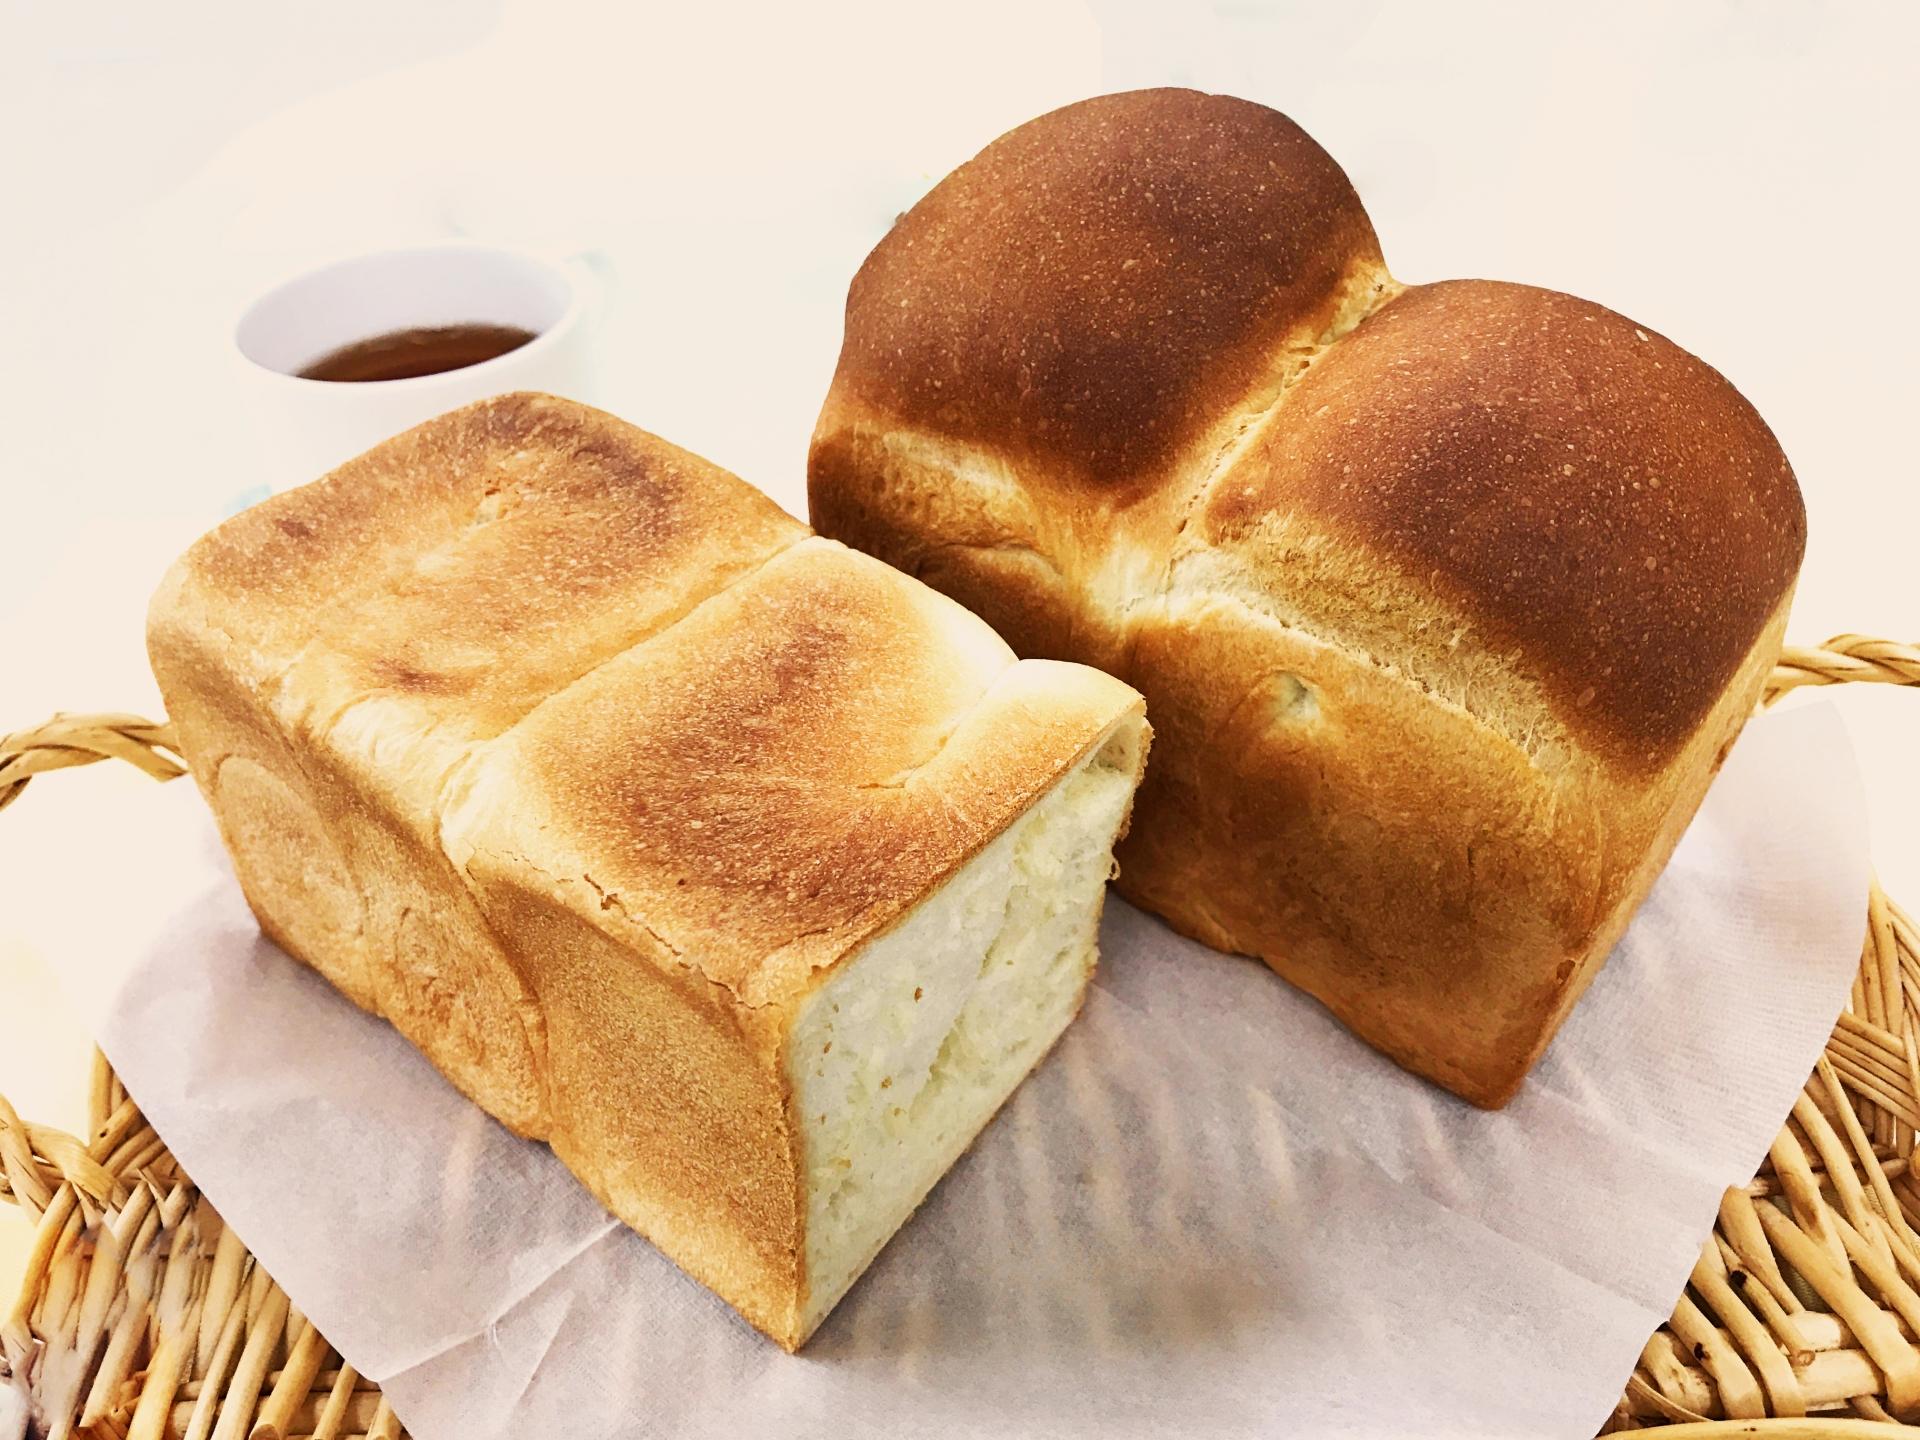 「非常識」の高級食パンはパン好きには必見!おすすめ商品の口コミ情報まとめ!